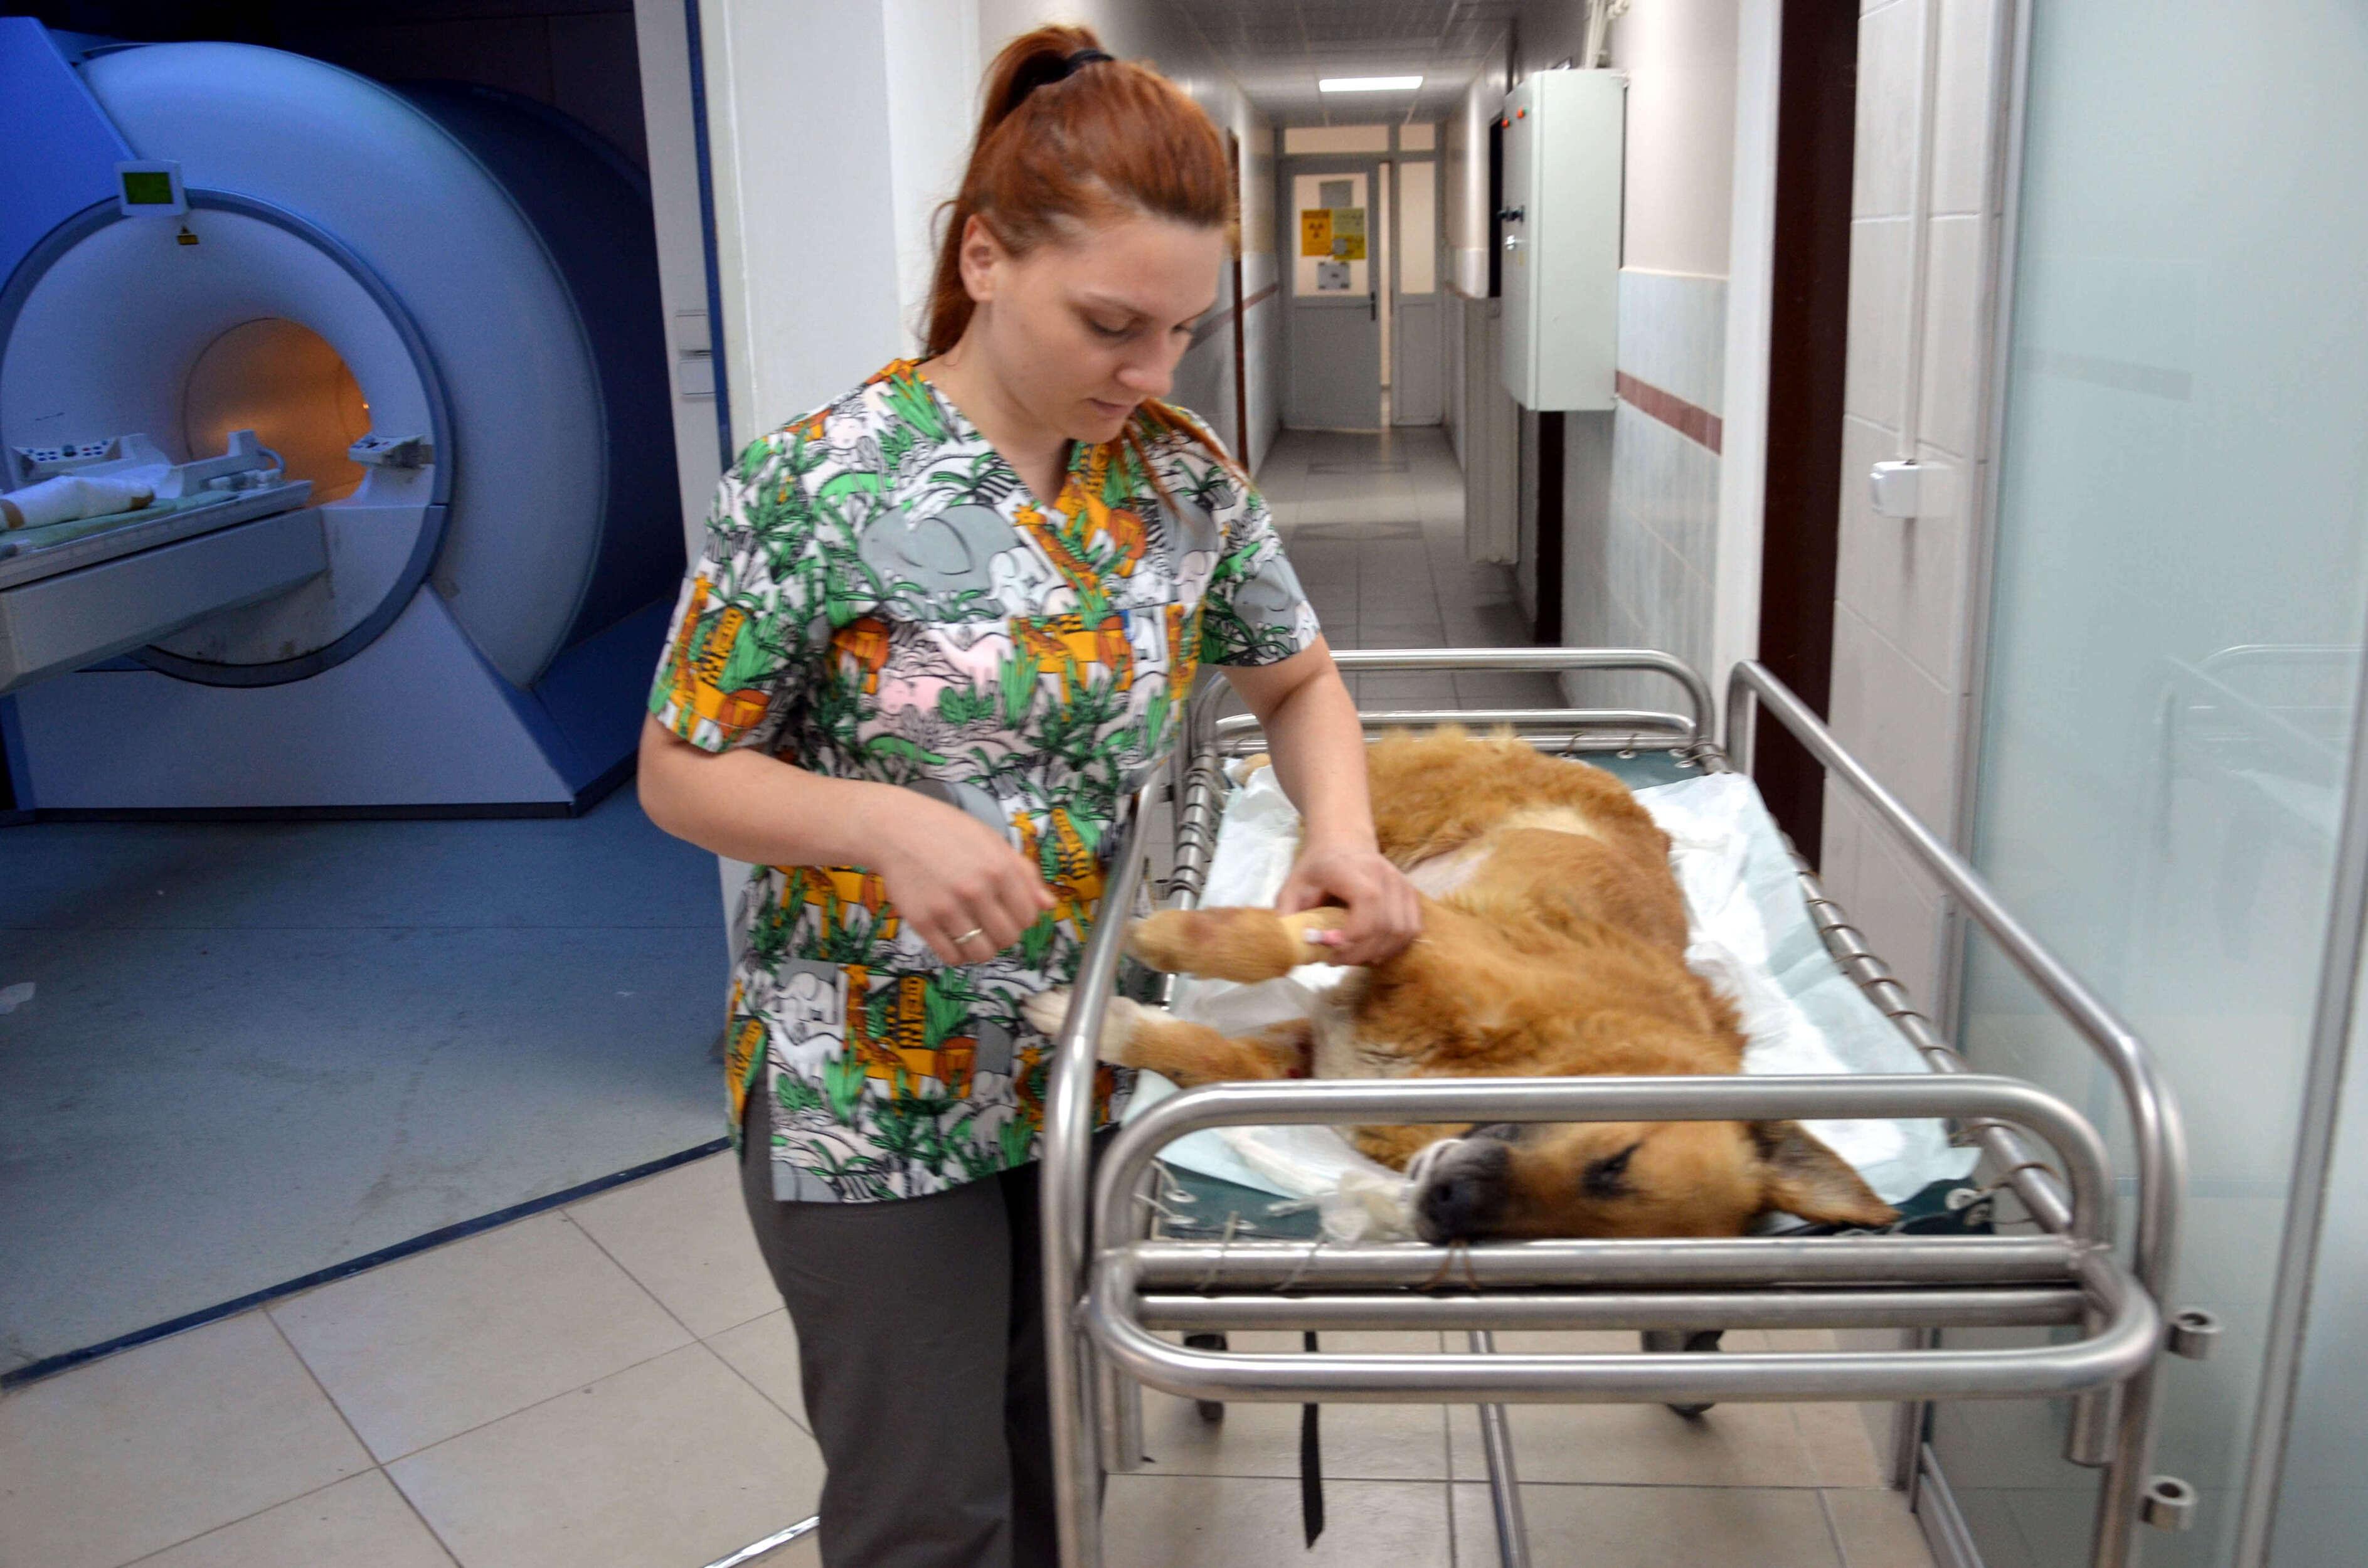 İstanbul Üniversitesi Cerrahpaşa Veteriner Fakültesi Araştırma ve Uygulama Hastanesi'nde yılda yaklaşık 50 bin hayvanın tedavi ediliyor.